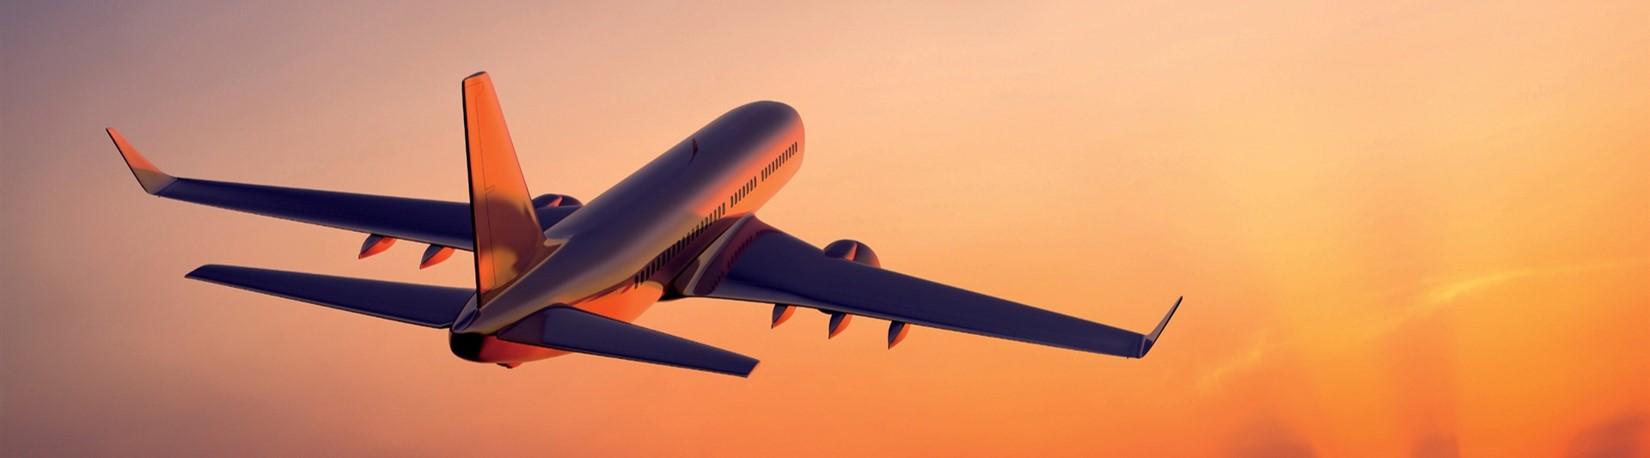 planeflying